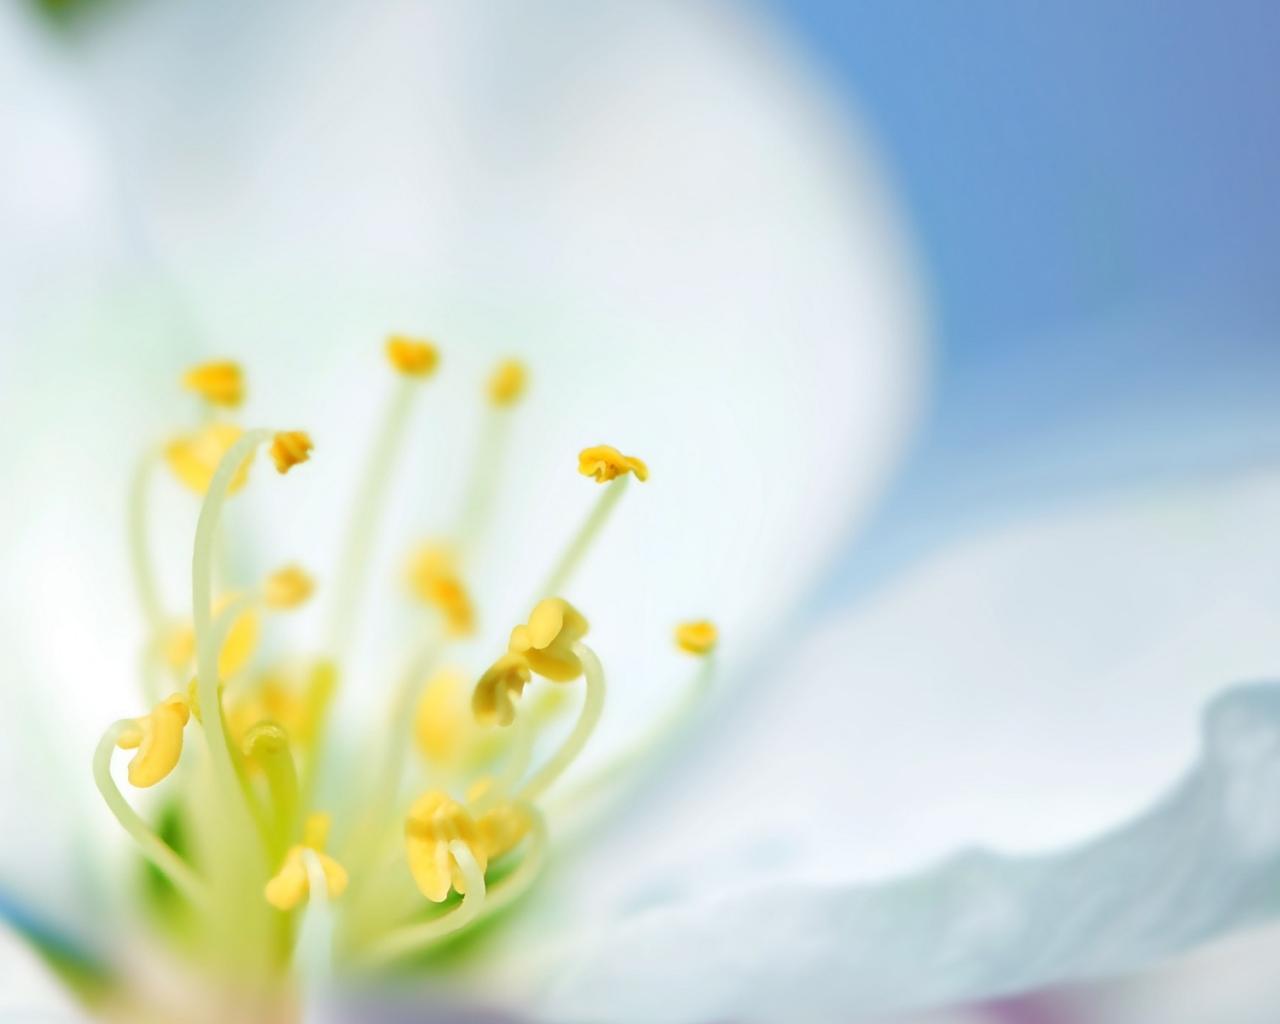 Una flor blanca en macro - 1280x1024